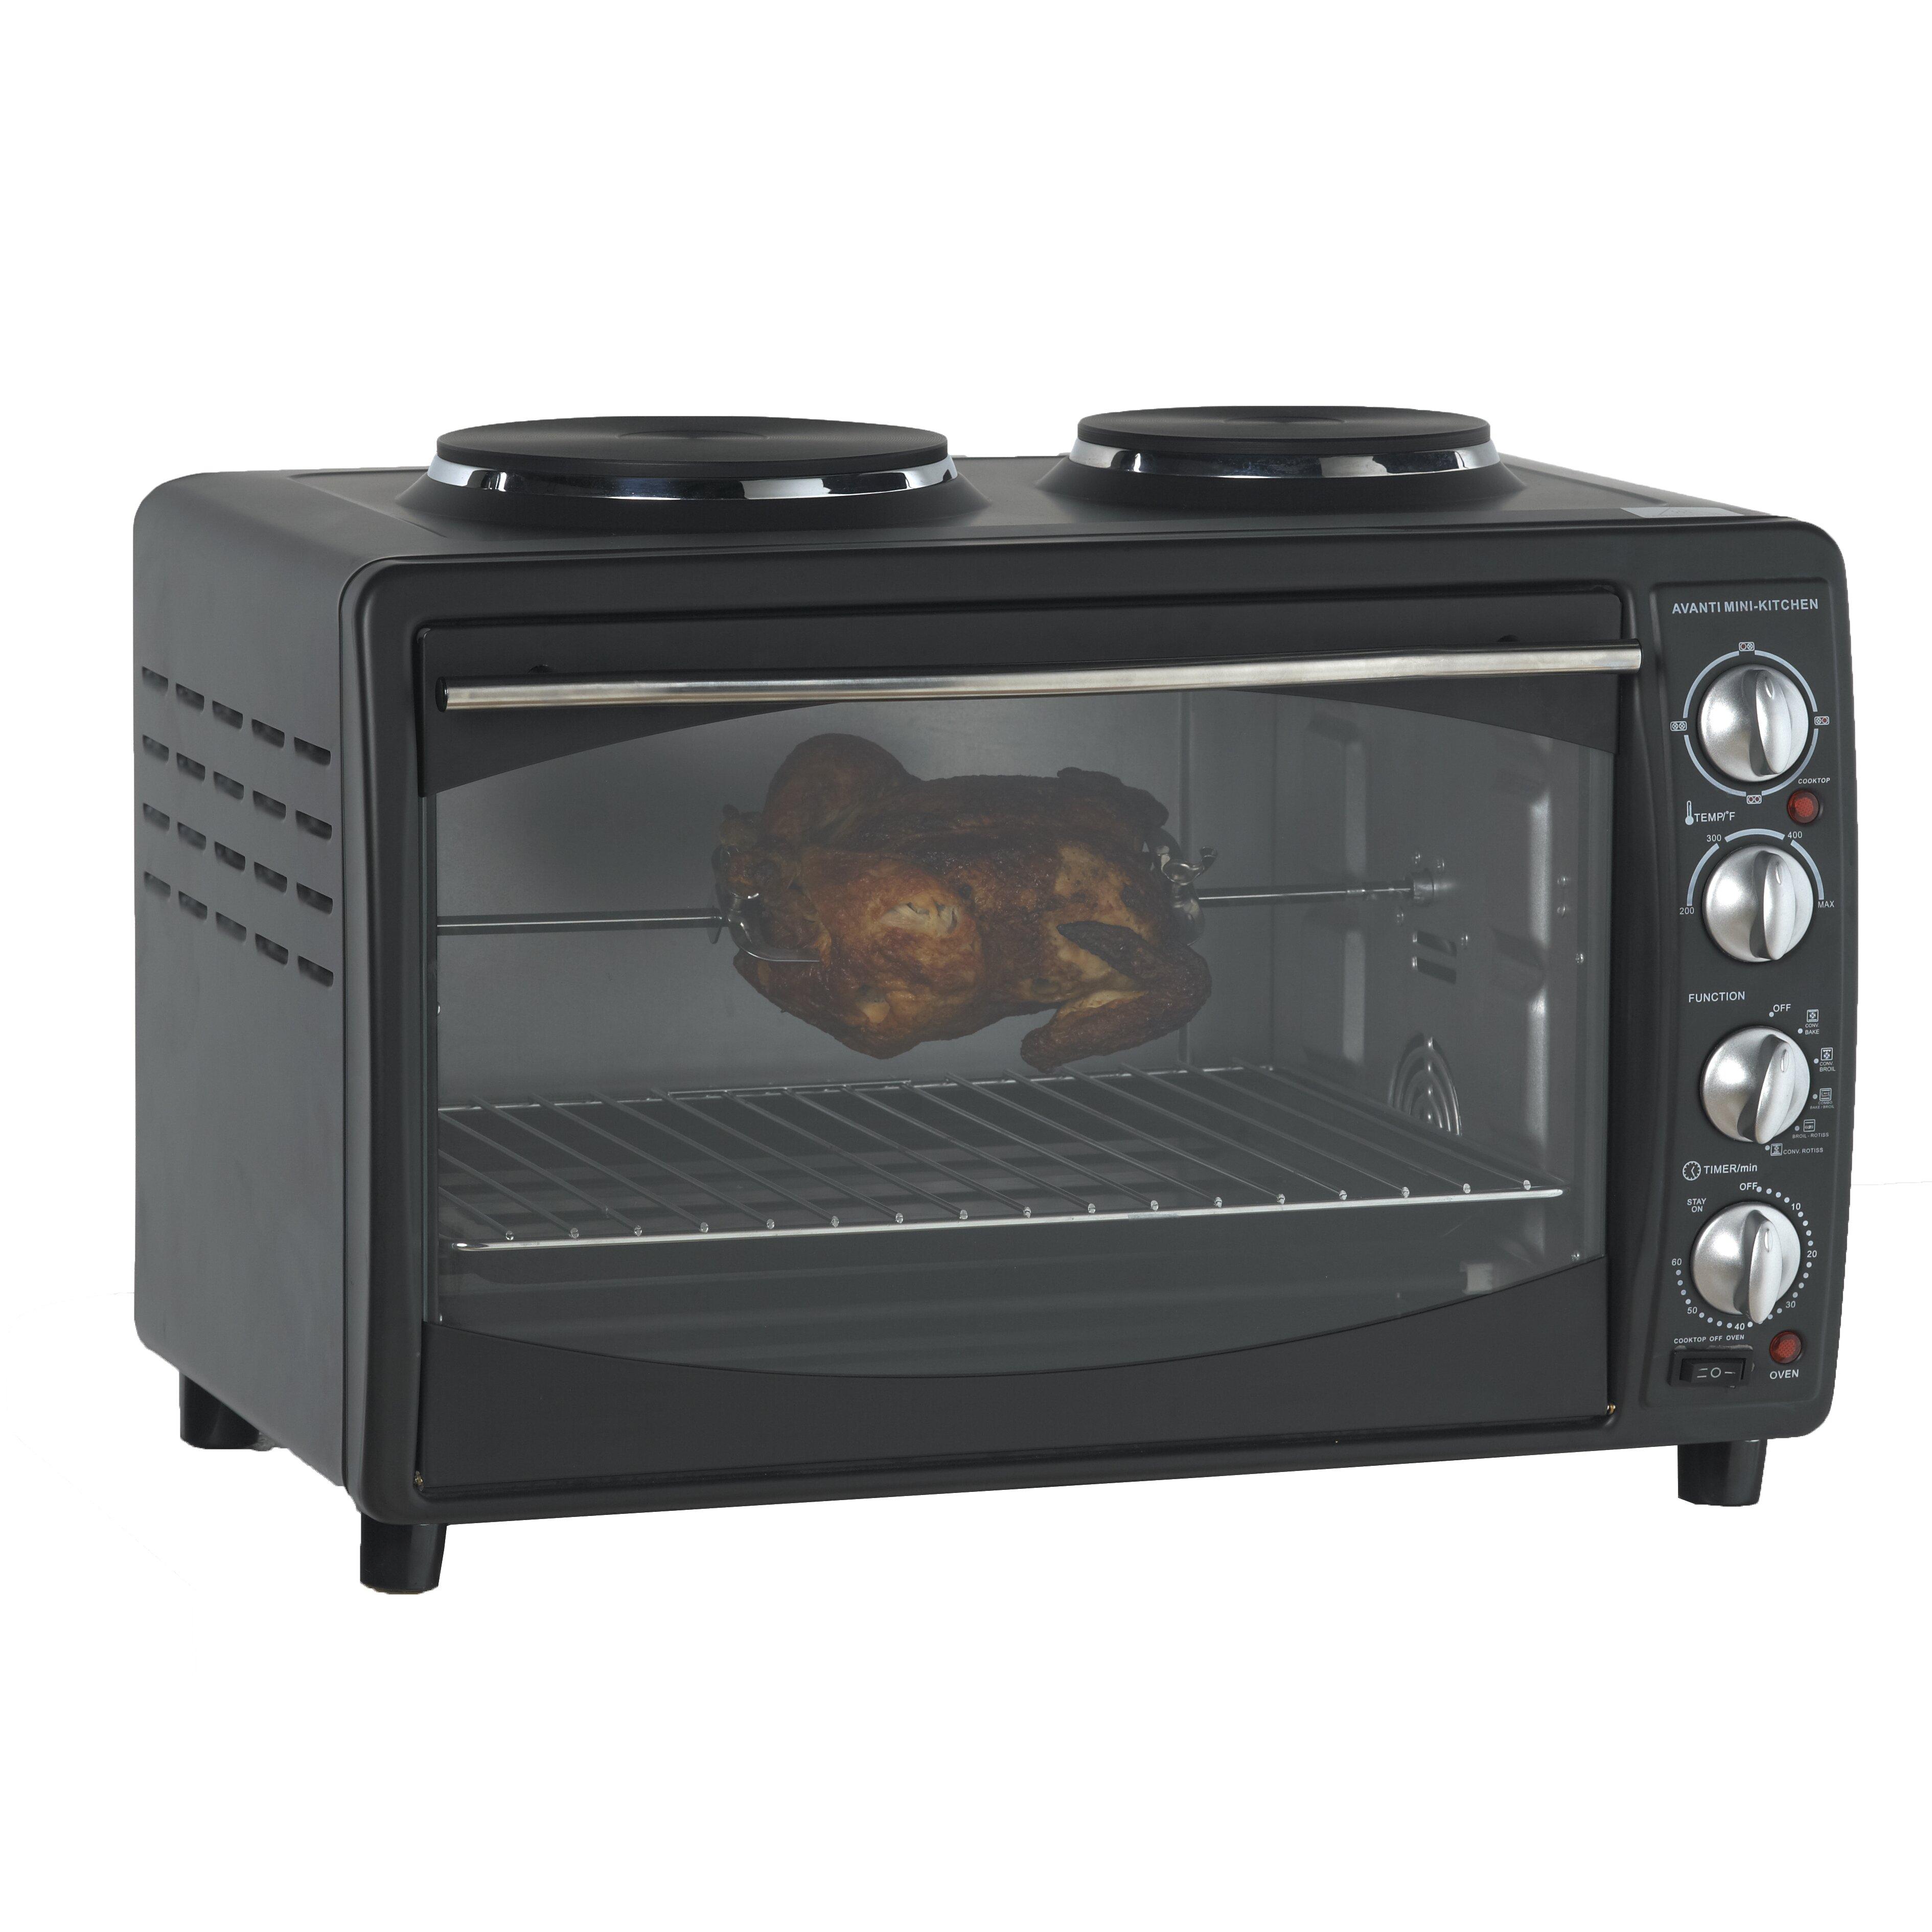 Avanti Mini Kitchen: Avanti Mini Kitchen Electric Free-Standing Range & Reviews